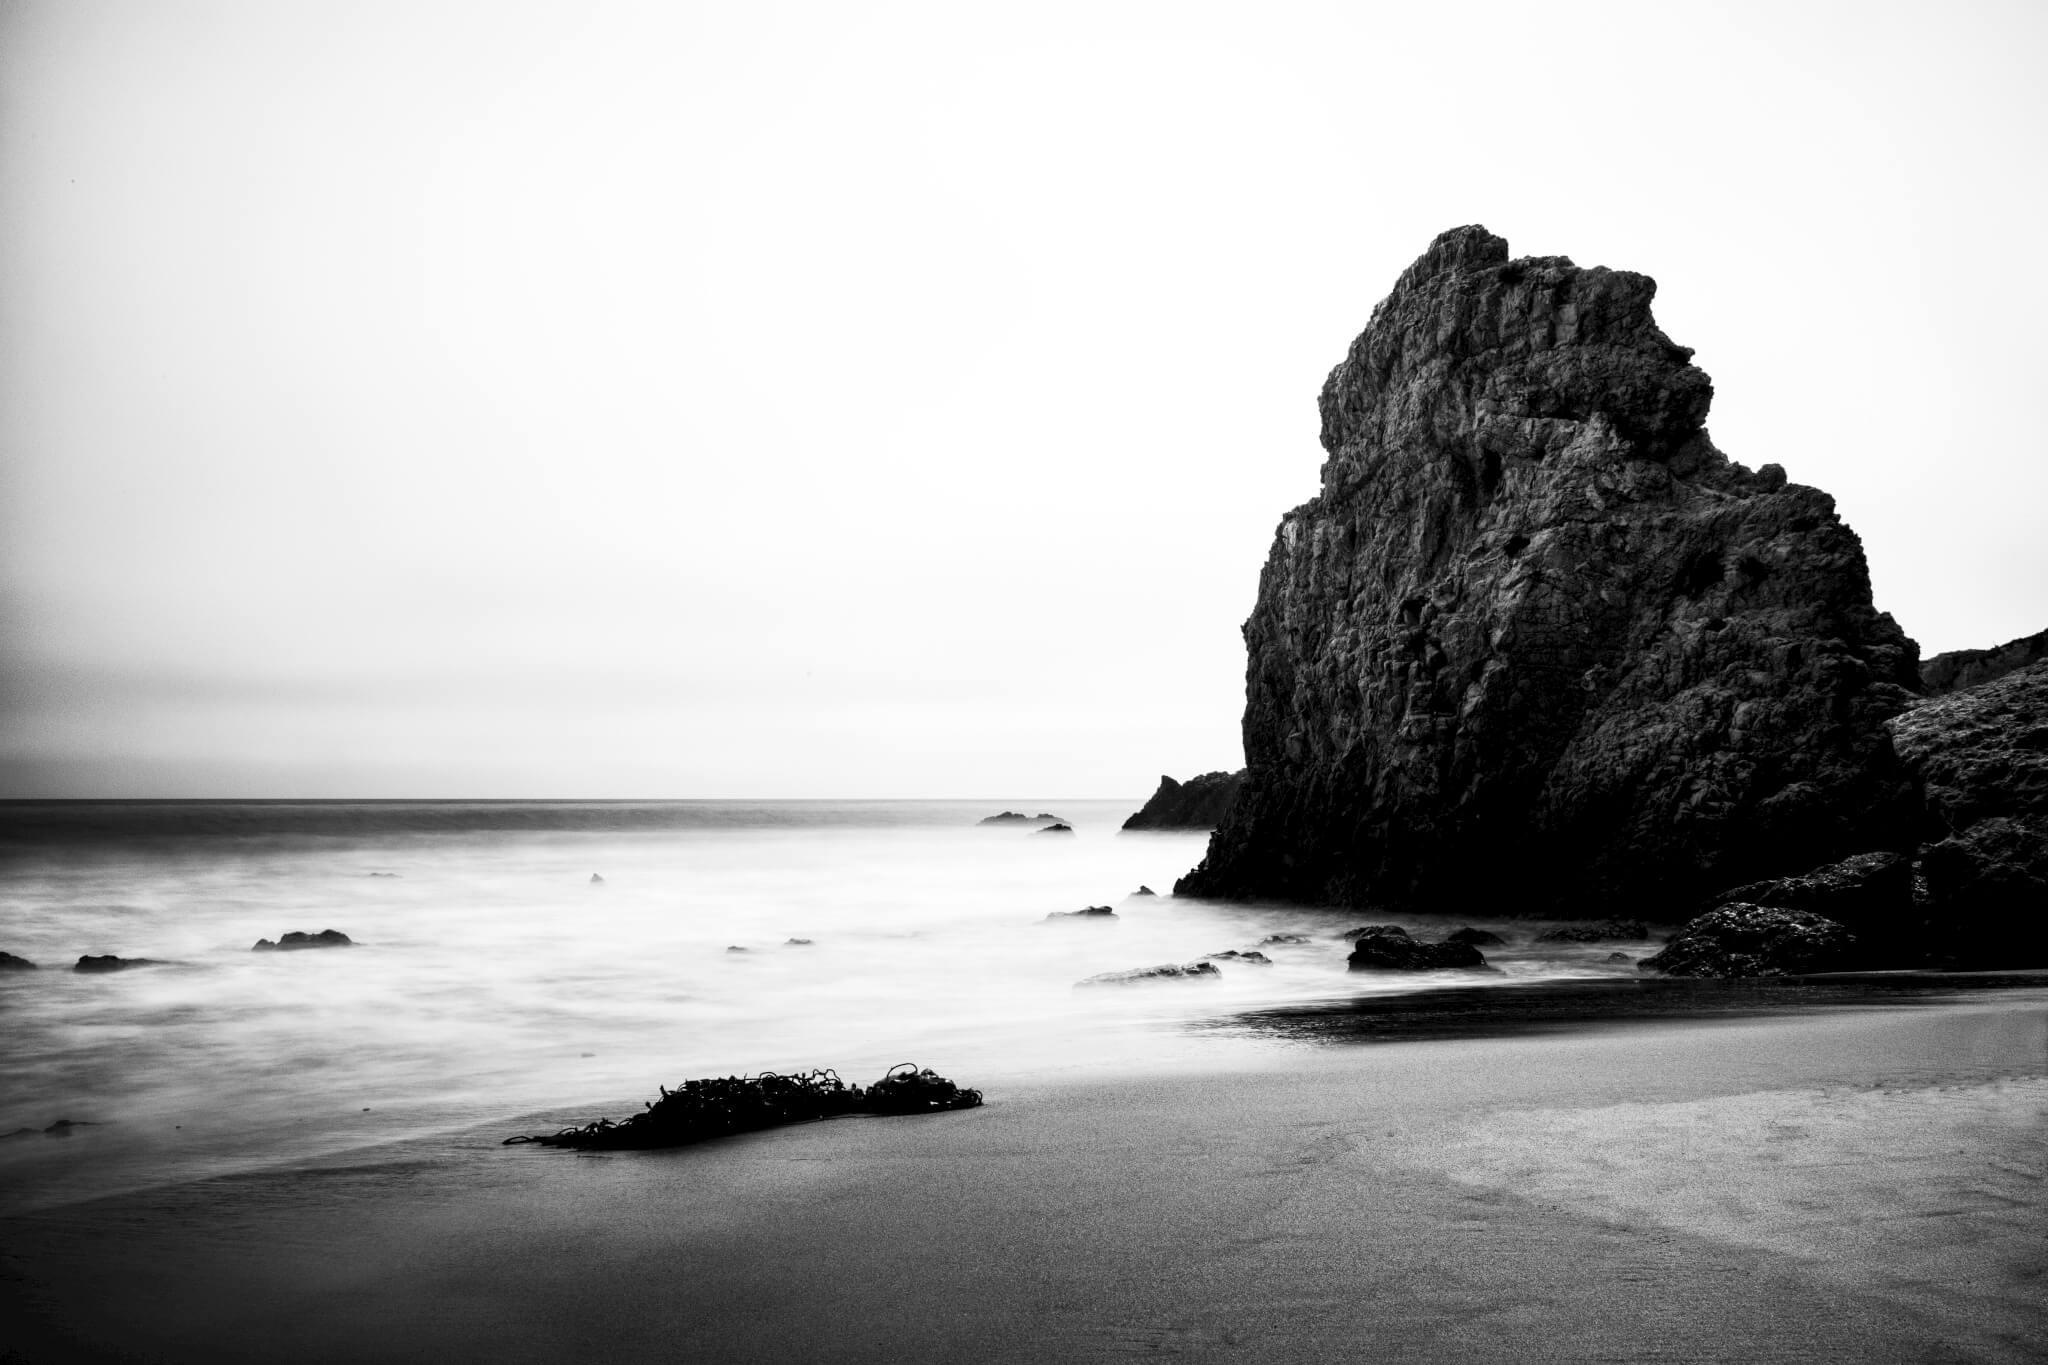 El Matador Beach. Malibu, CA